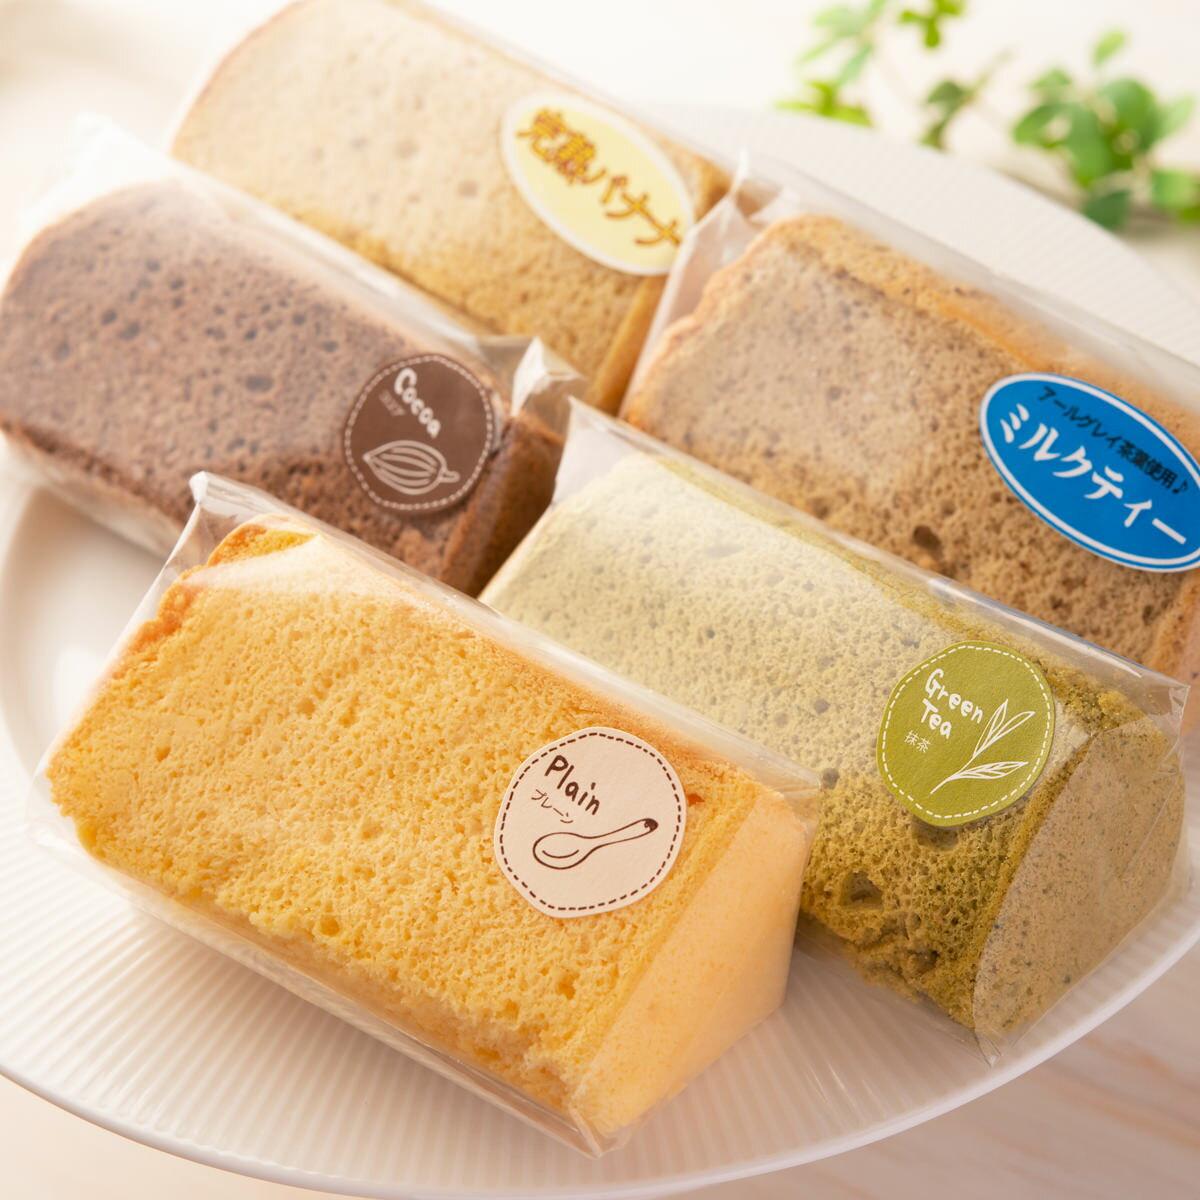 新潟コシヒカリ米粉のシフォンケーキセット洋菓子小麦不使用乳製品不使用スイーツ米粉お菓子グルテンフリー